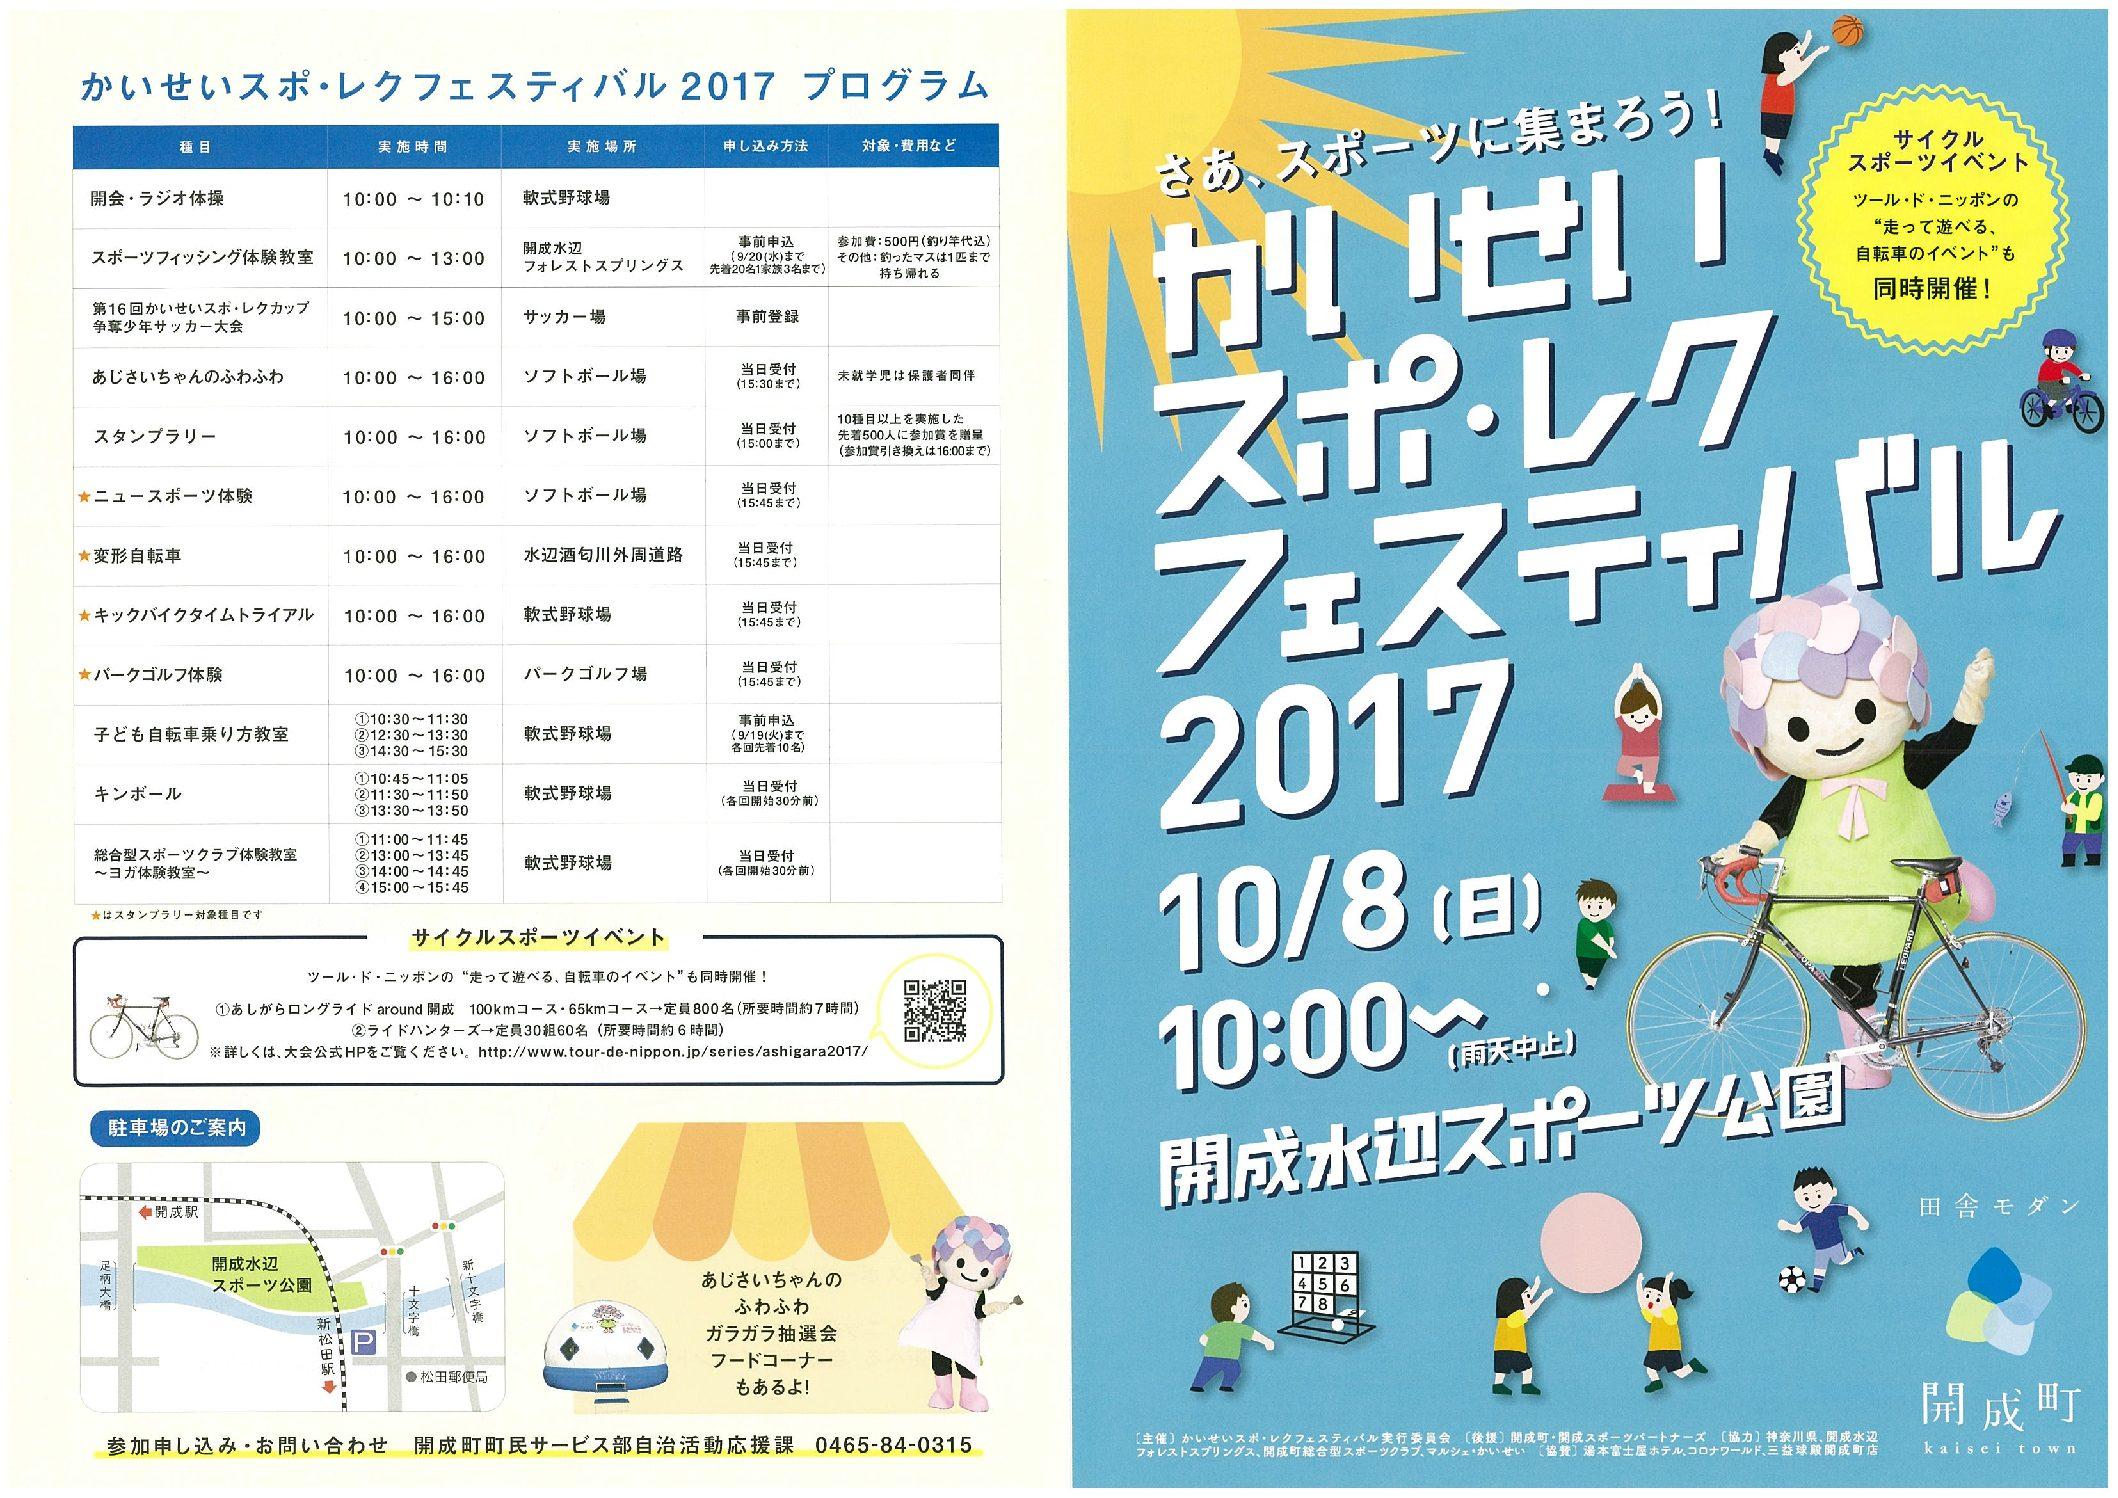 10月8日(日)は、かいせいスポ・レクフェスティバル2017が行われますよ!